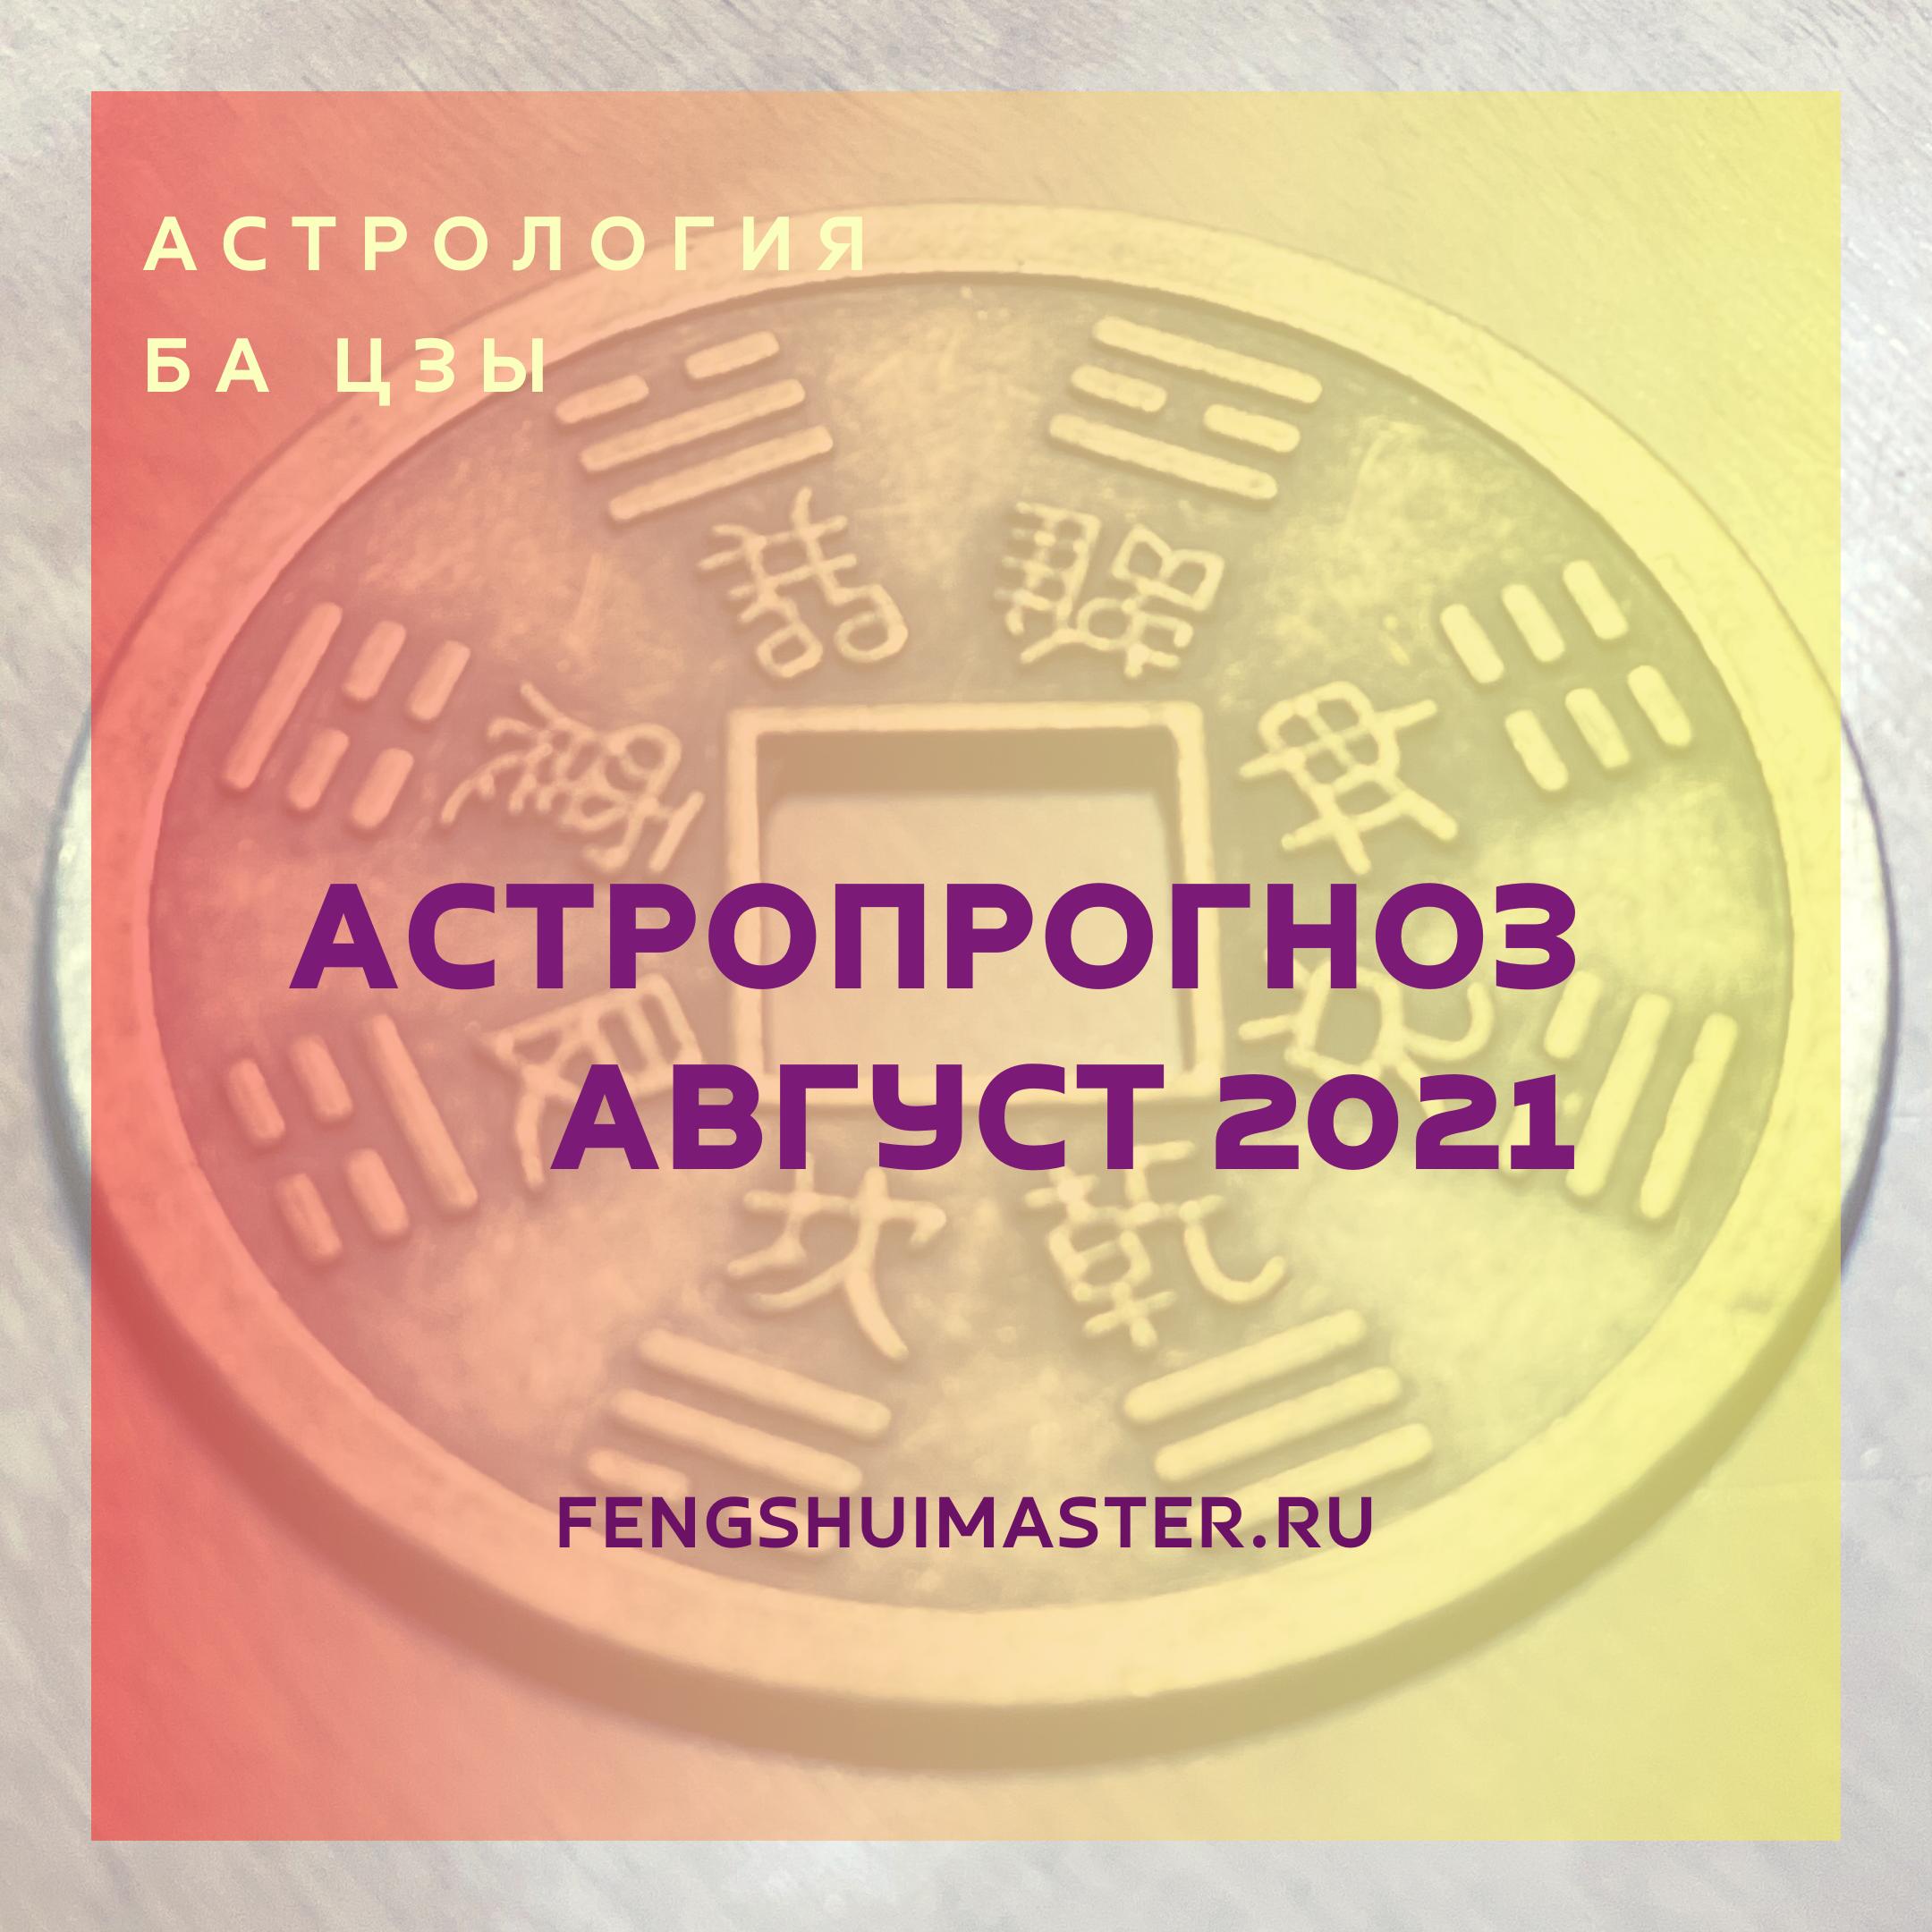 Астропрогноз на август 2021 - Fengshuimaster.Ru